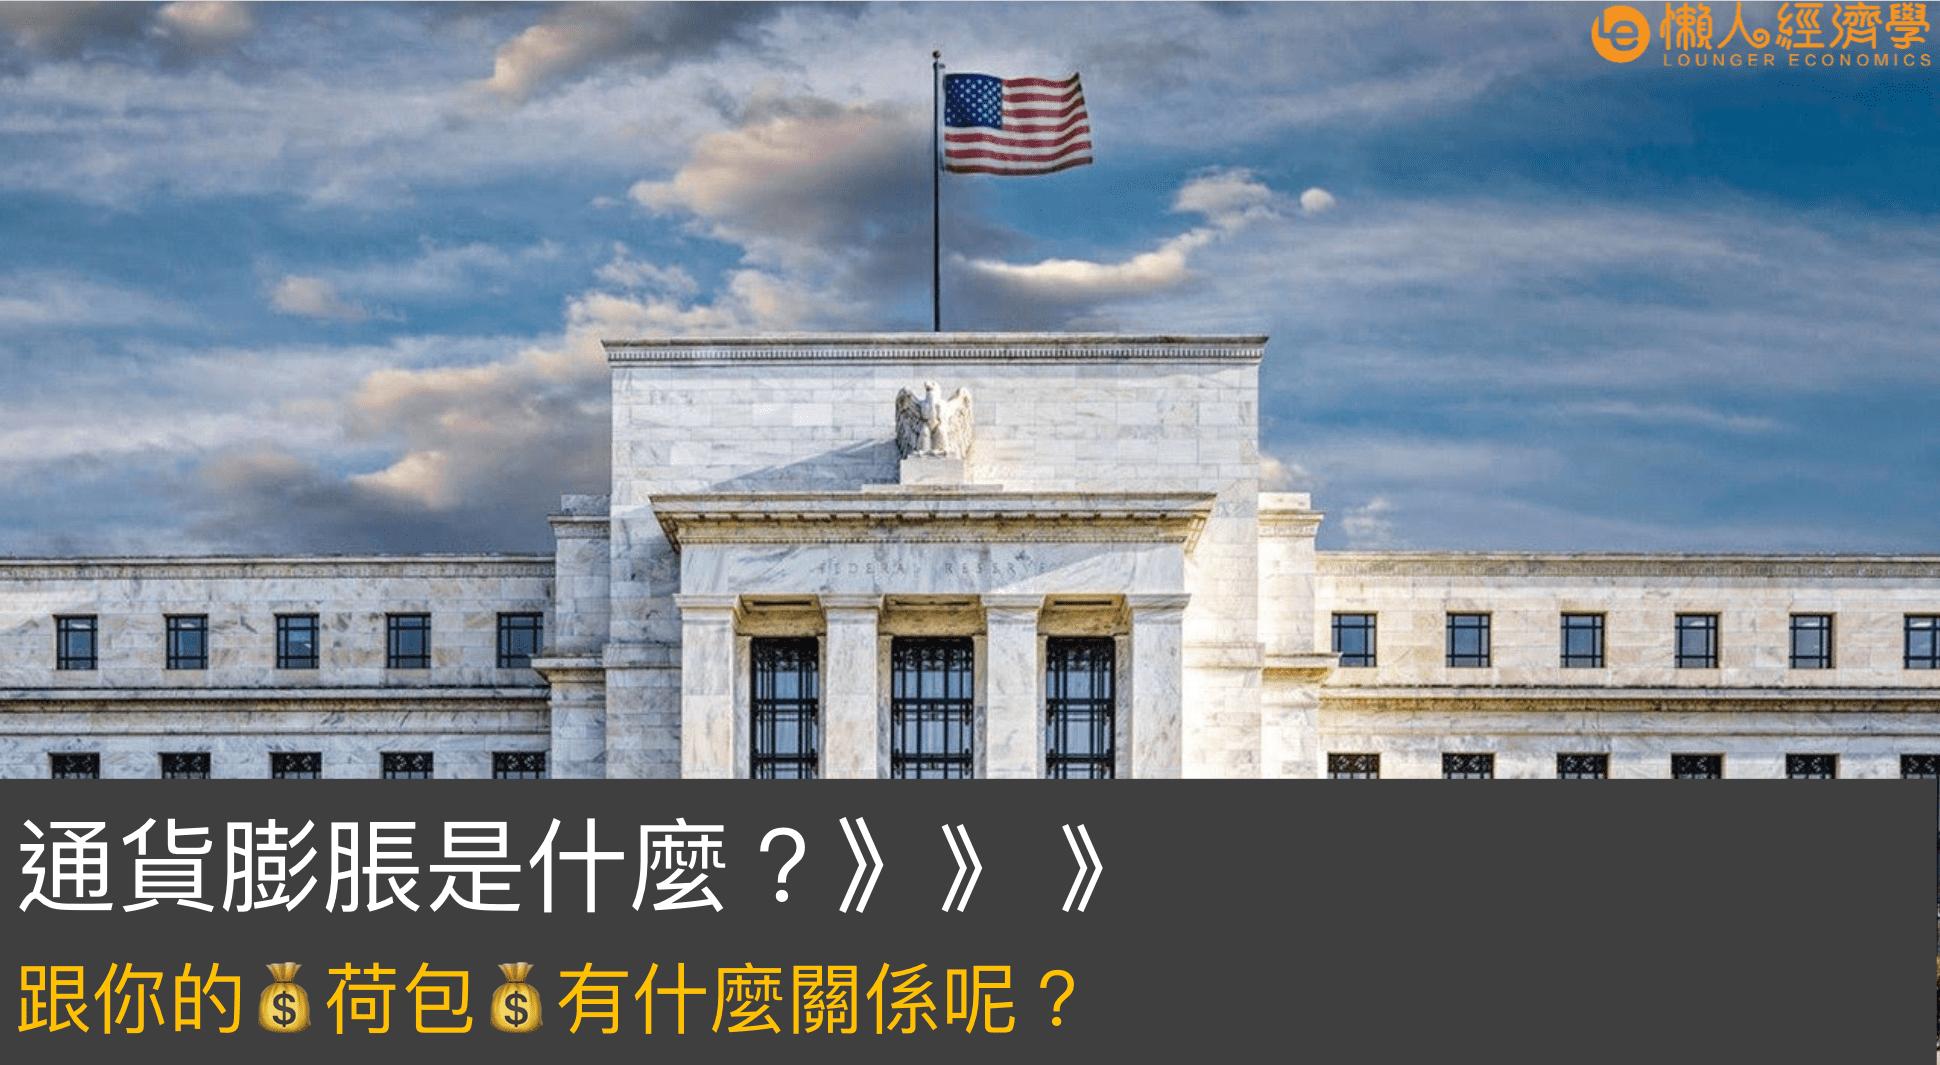 通貨膨脹是什麼?跟你的💰錢💰有什麼關係呢?